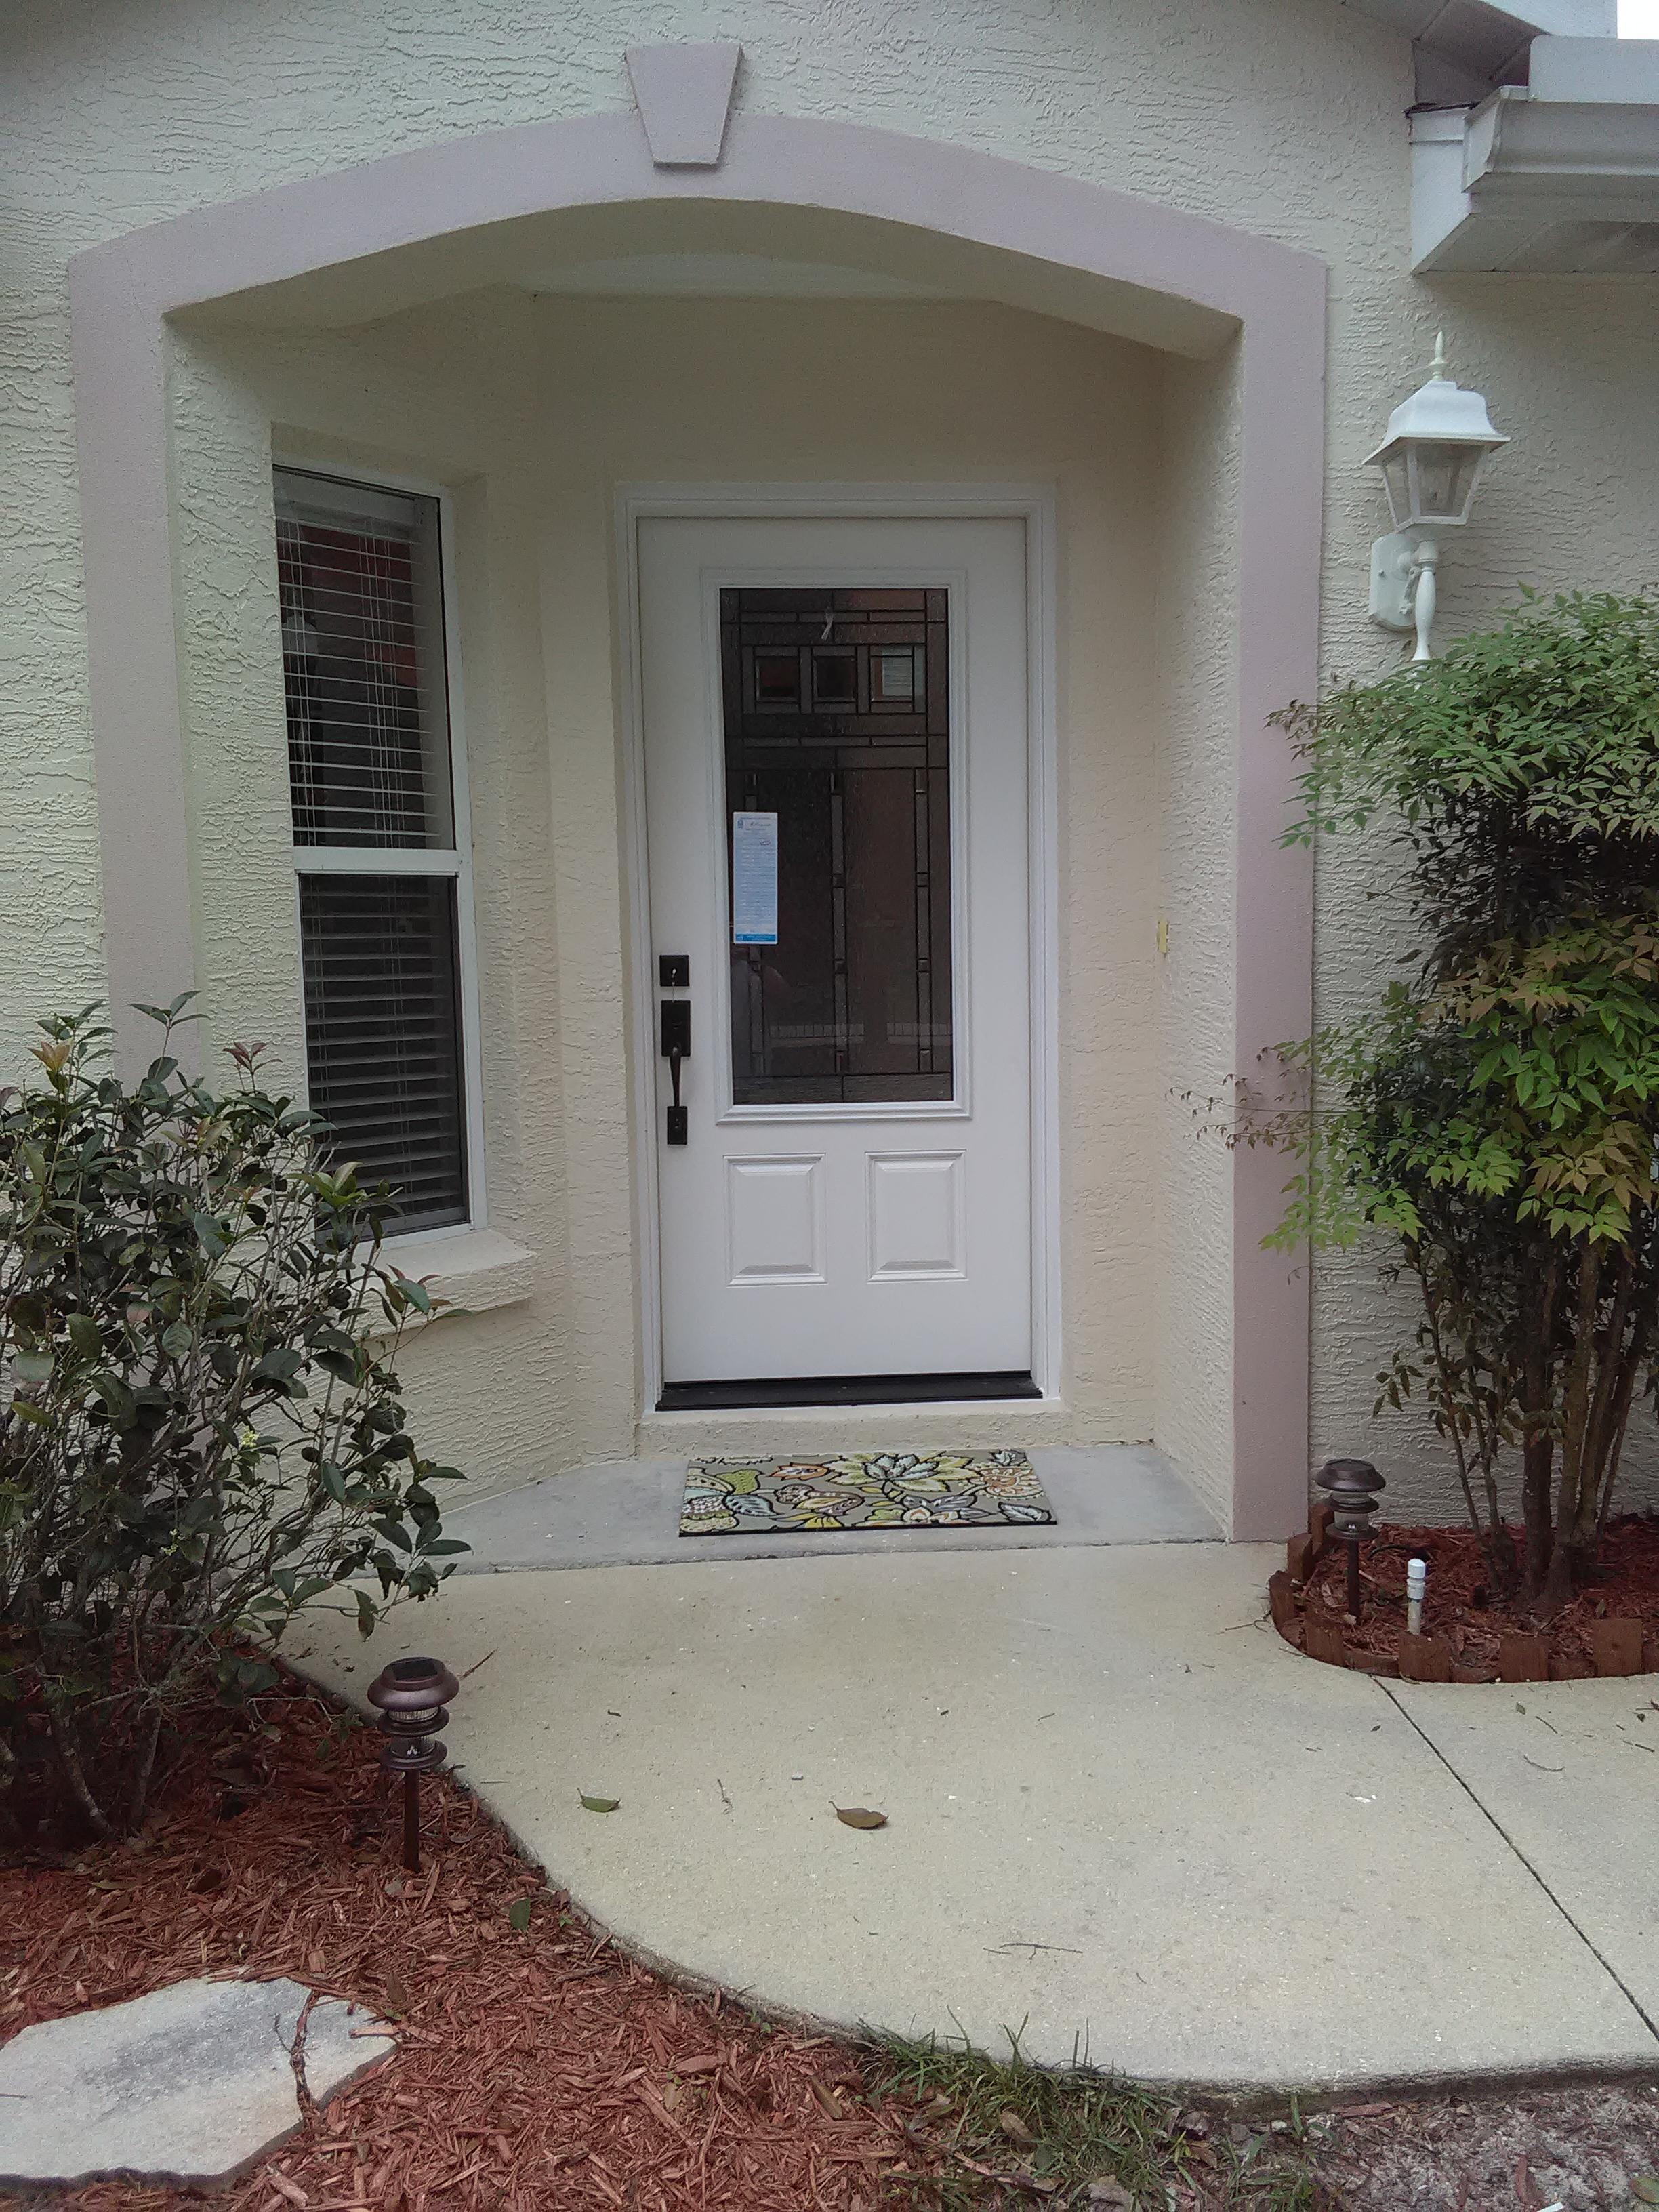 Affordable Home Remodeling Co Llc In Hernando Fl 34442